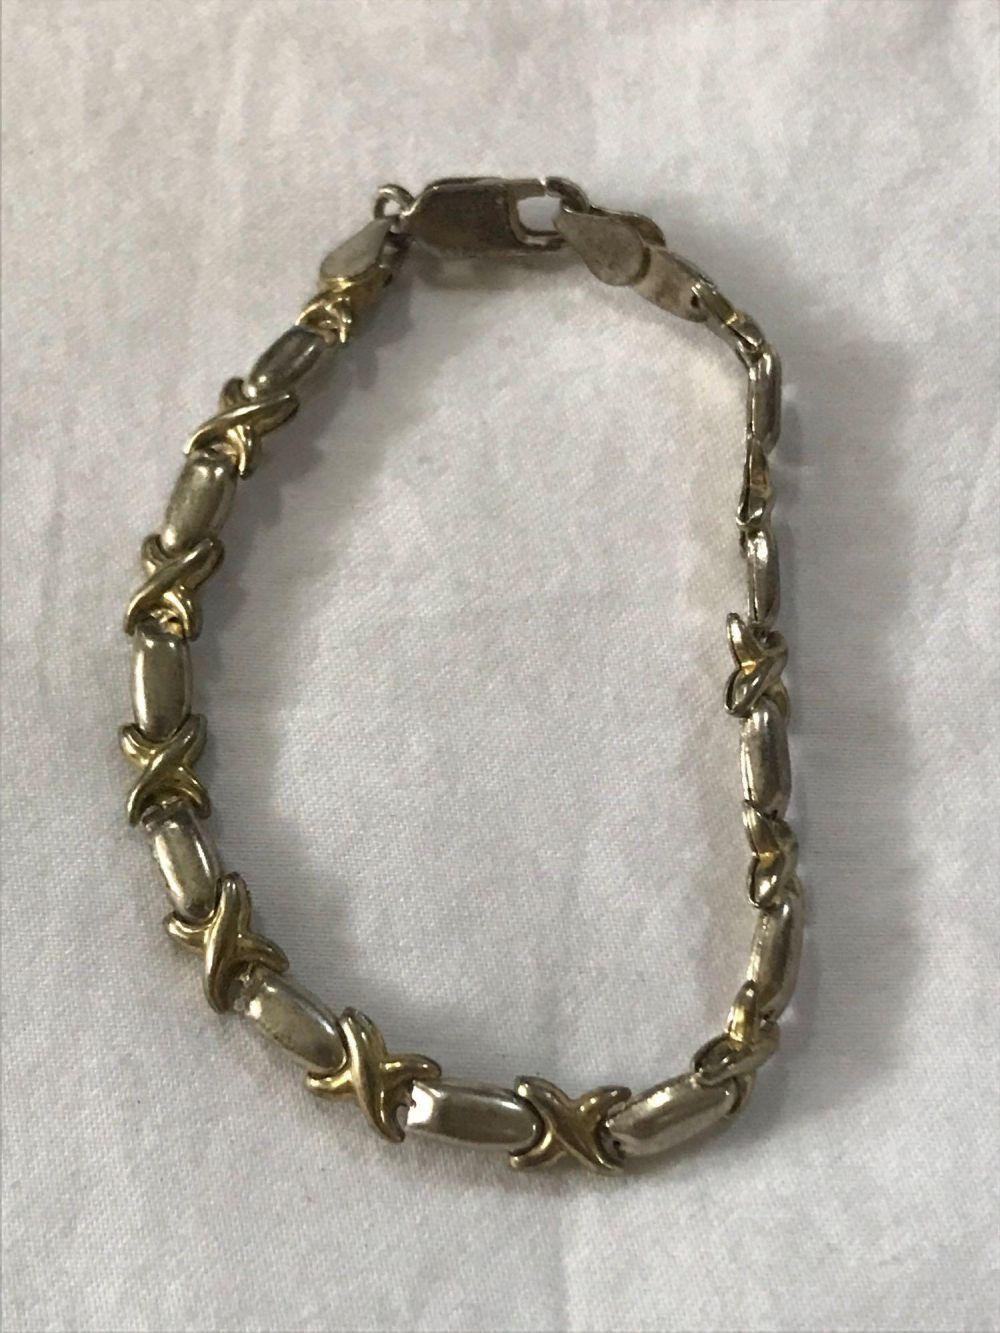 Lot 363: Double Marked Italian Sterling Silver Bracelet